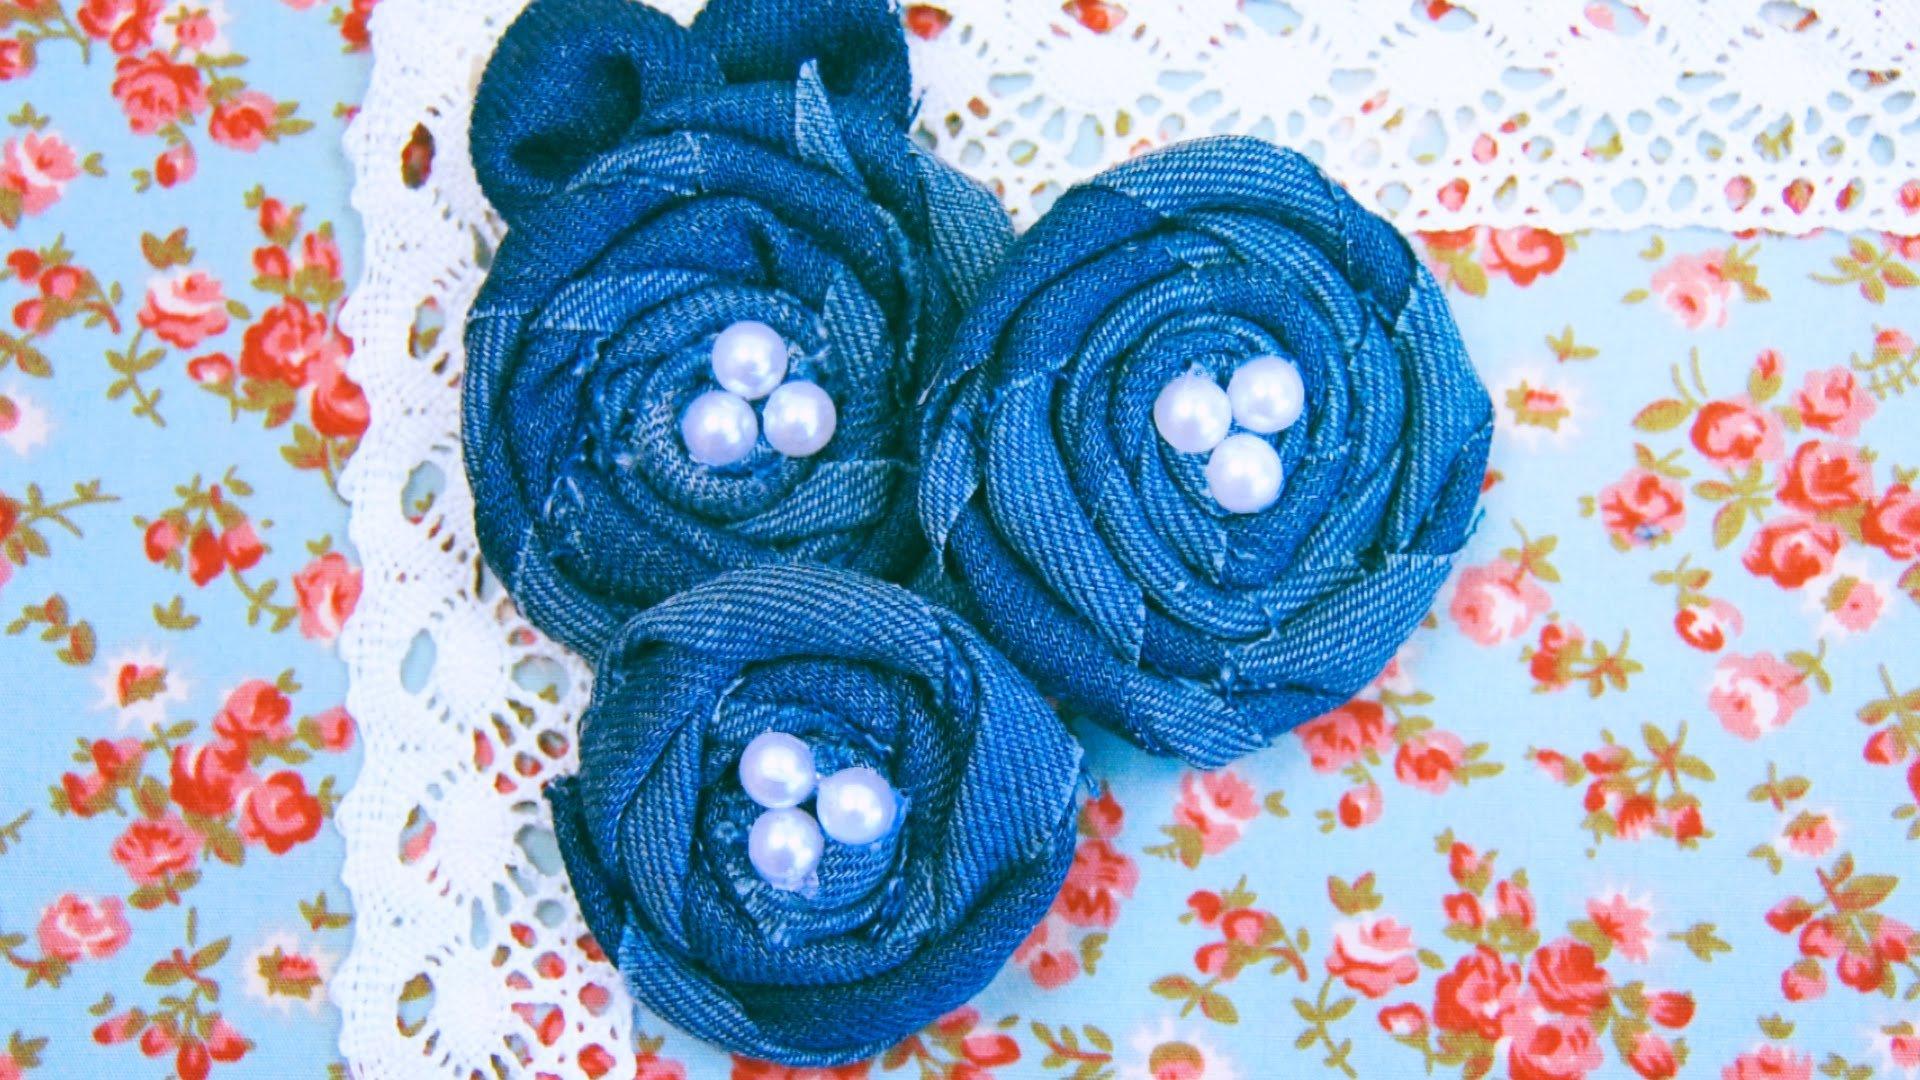 Цветы из джинсовой ткани своими руками для начинающих: как сделать, пошагово